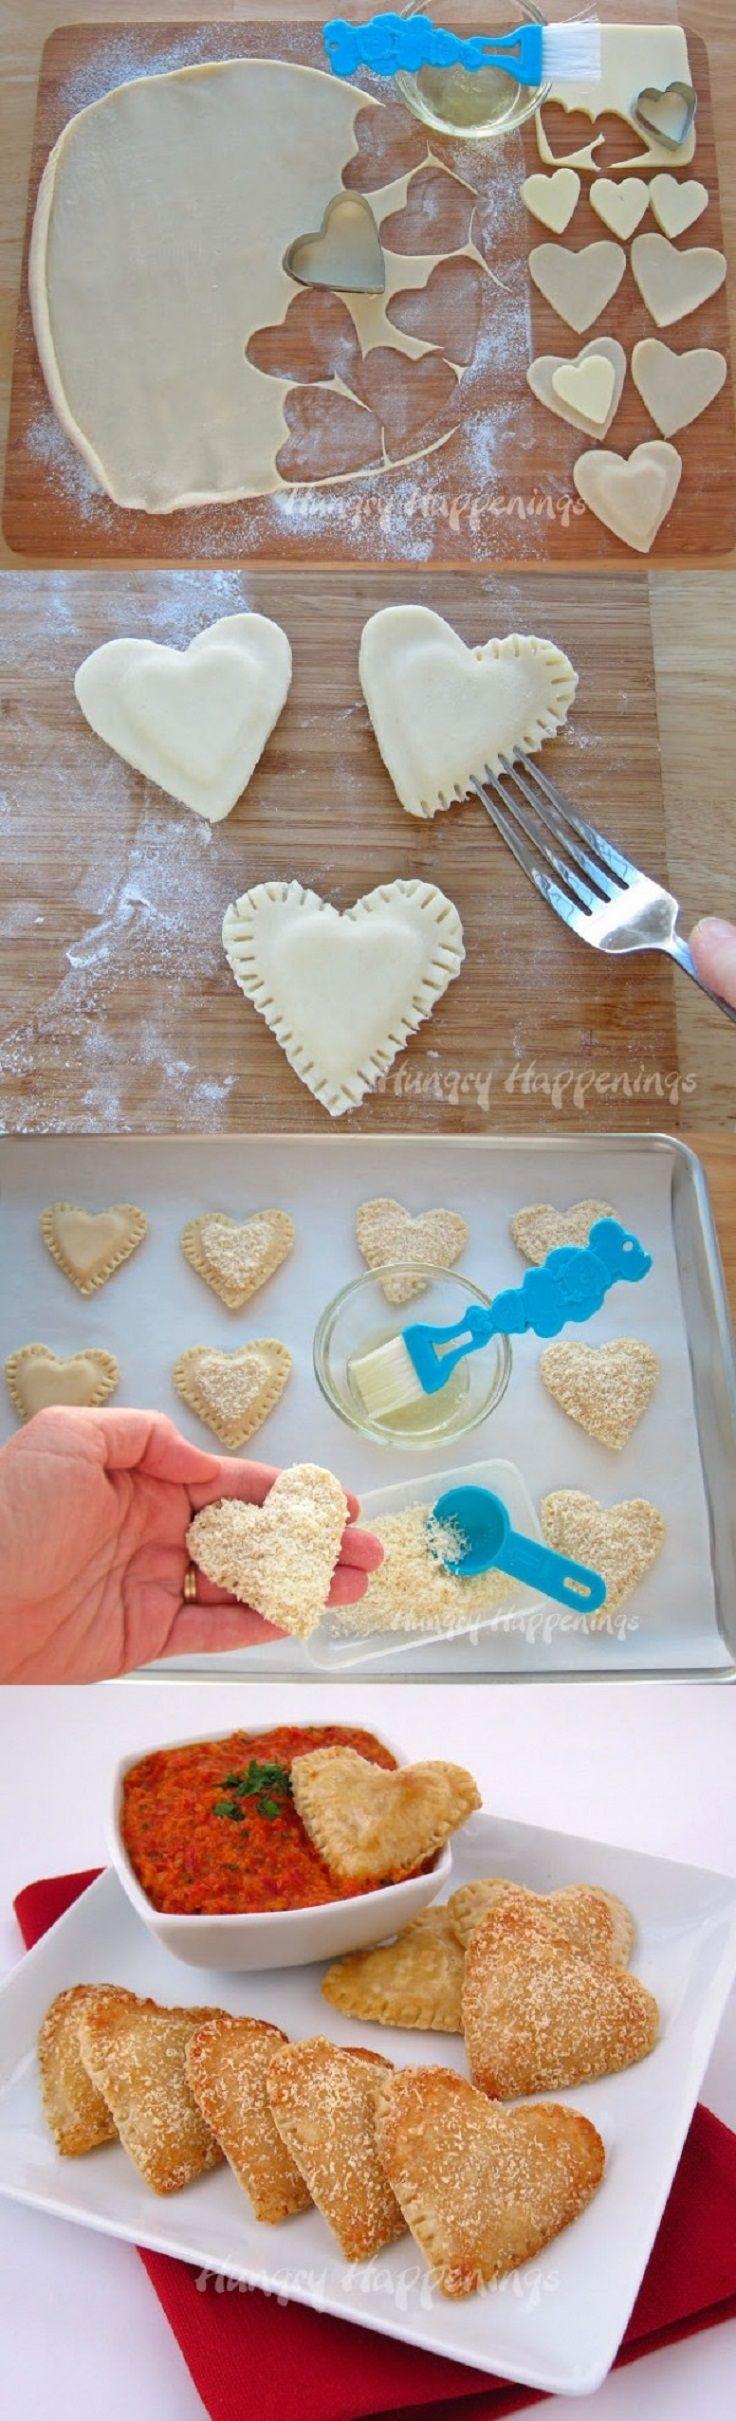 Kostbare Valentine-Food-Liste: 17 liebenswerte Rezepte für eine besondere Feier - Dessert Rezepte #festmad